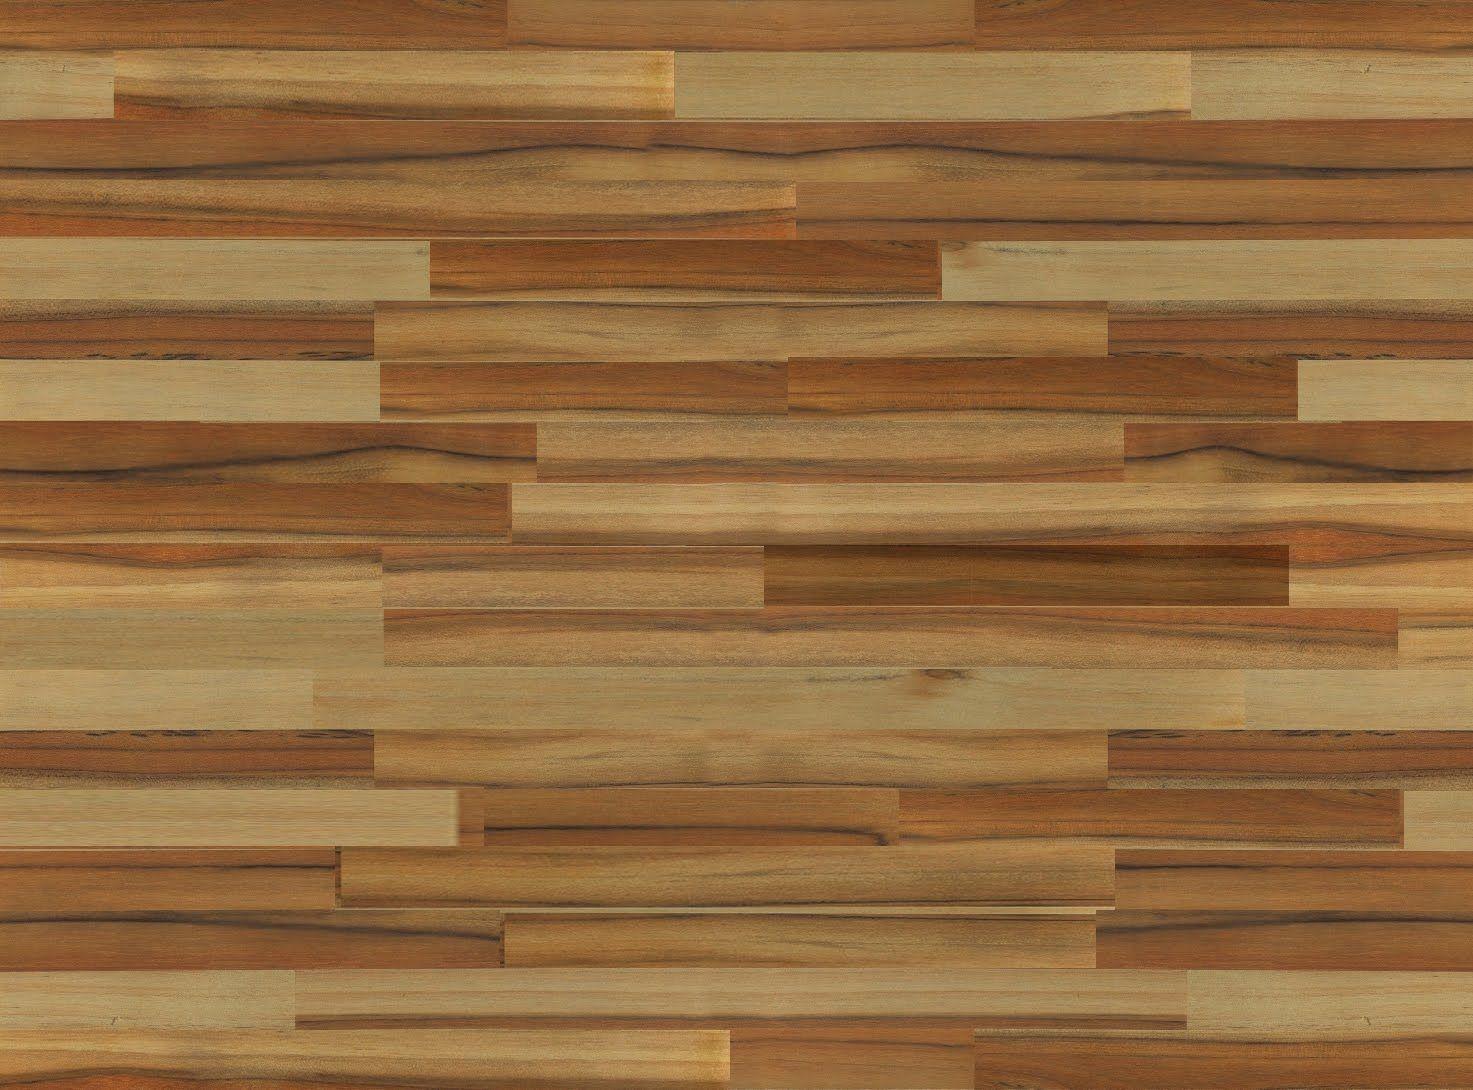 Formica verde pesquisa google texturas de tudo pinterest - Formica madera ...